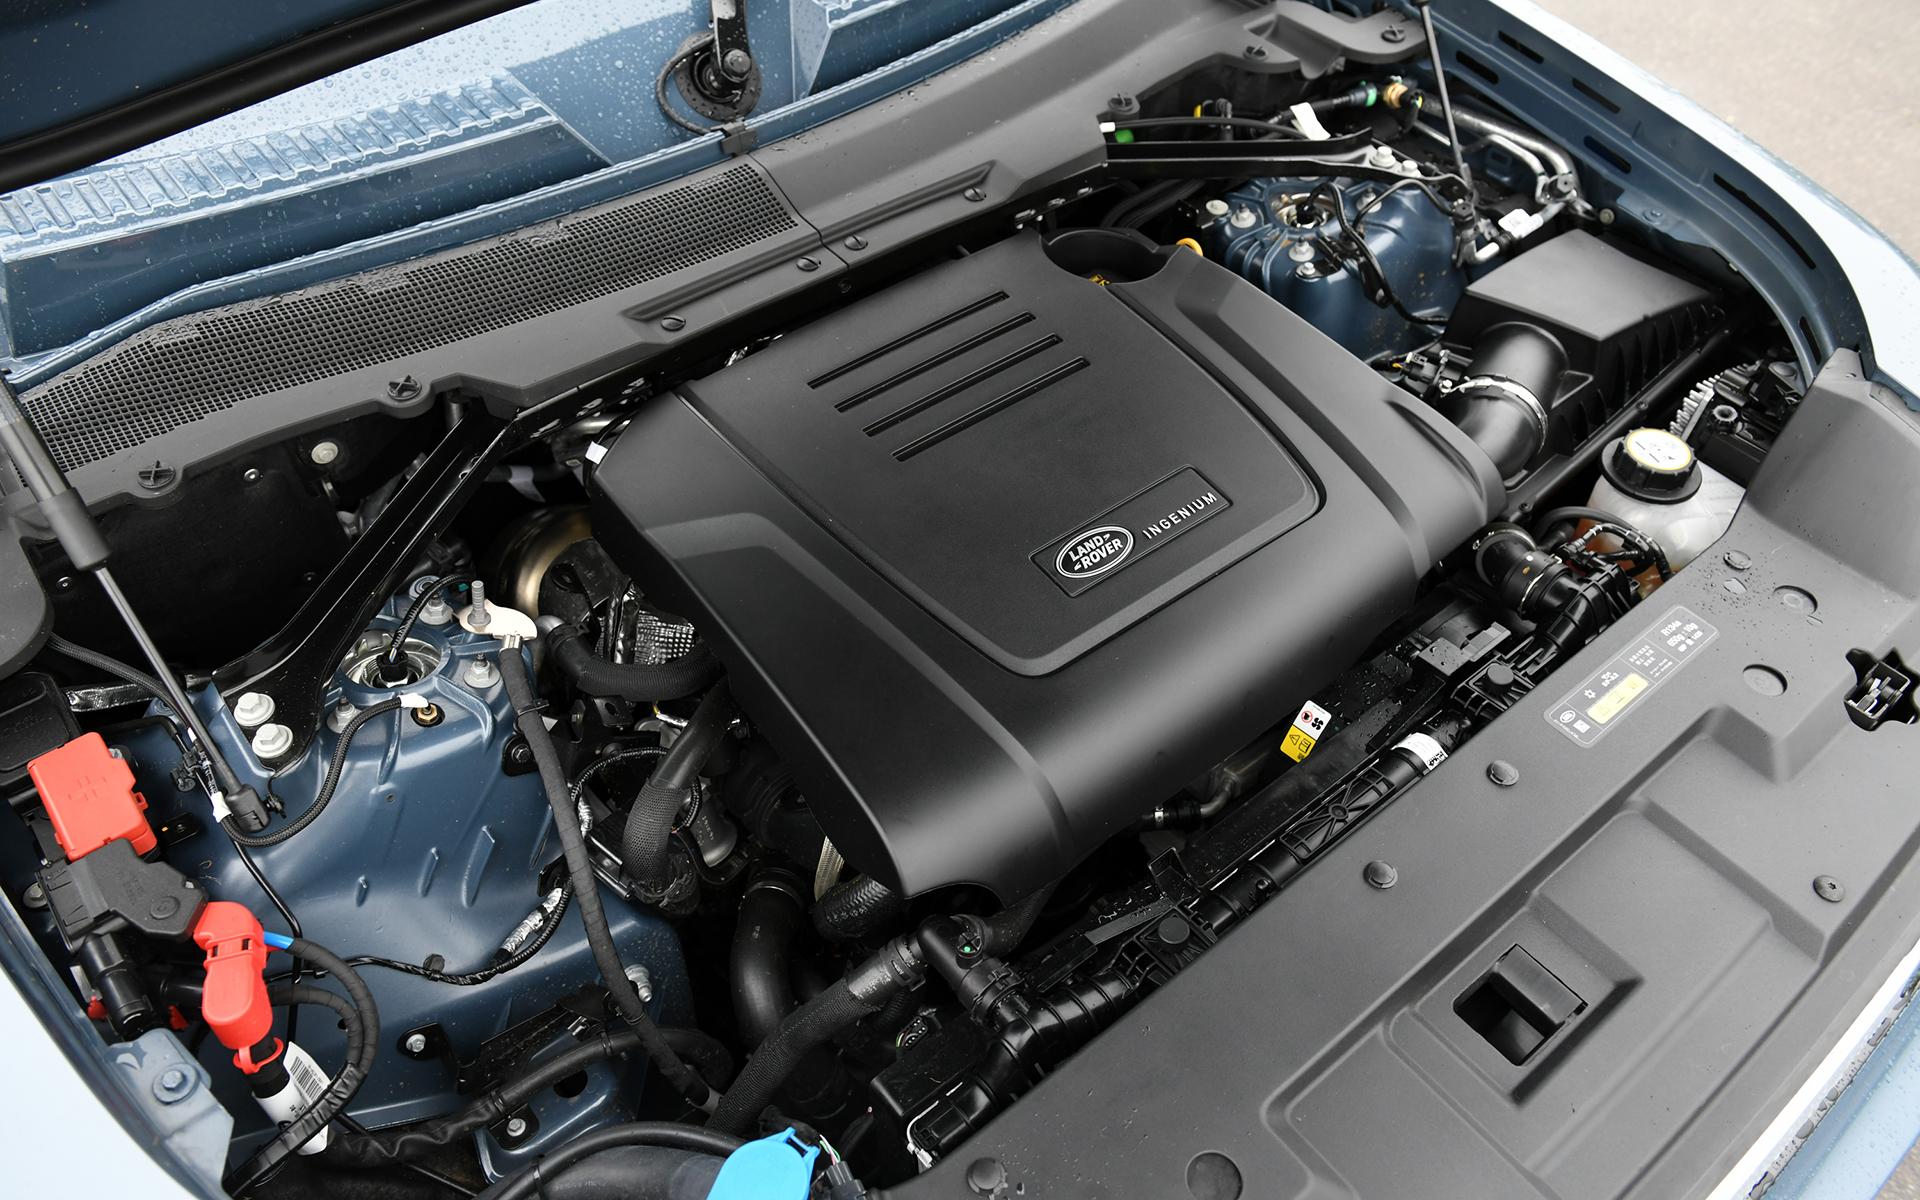 最高出力221kw(300PS)/5500rpm、最大トルク400Nm/2000rpmを発生する直列4気筒DOHC 2.0リッターターボエンジンを搭載。トランスミッションには8速ATを組み合わせ4輪を駆動する